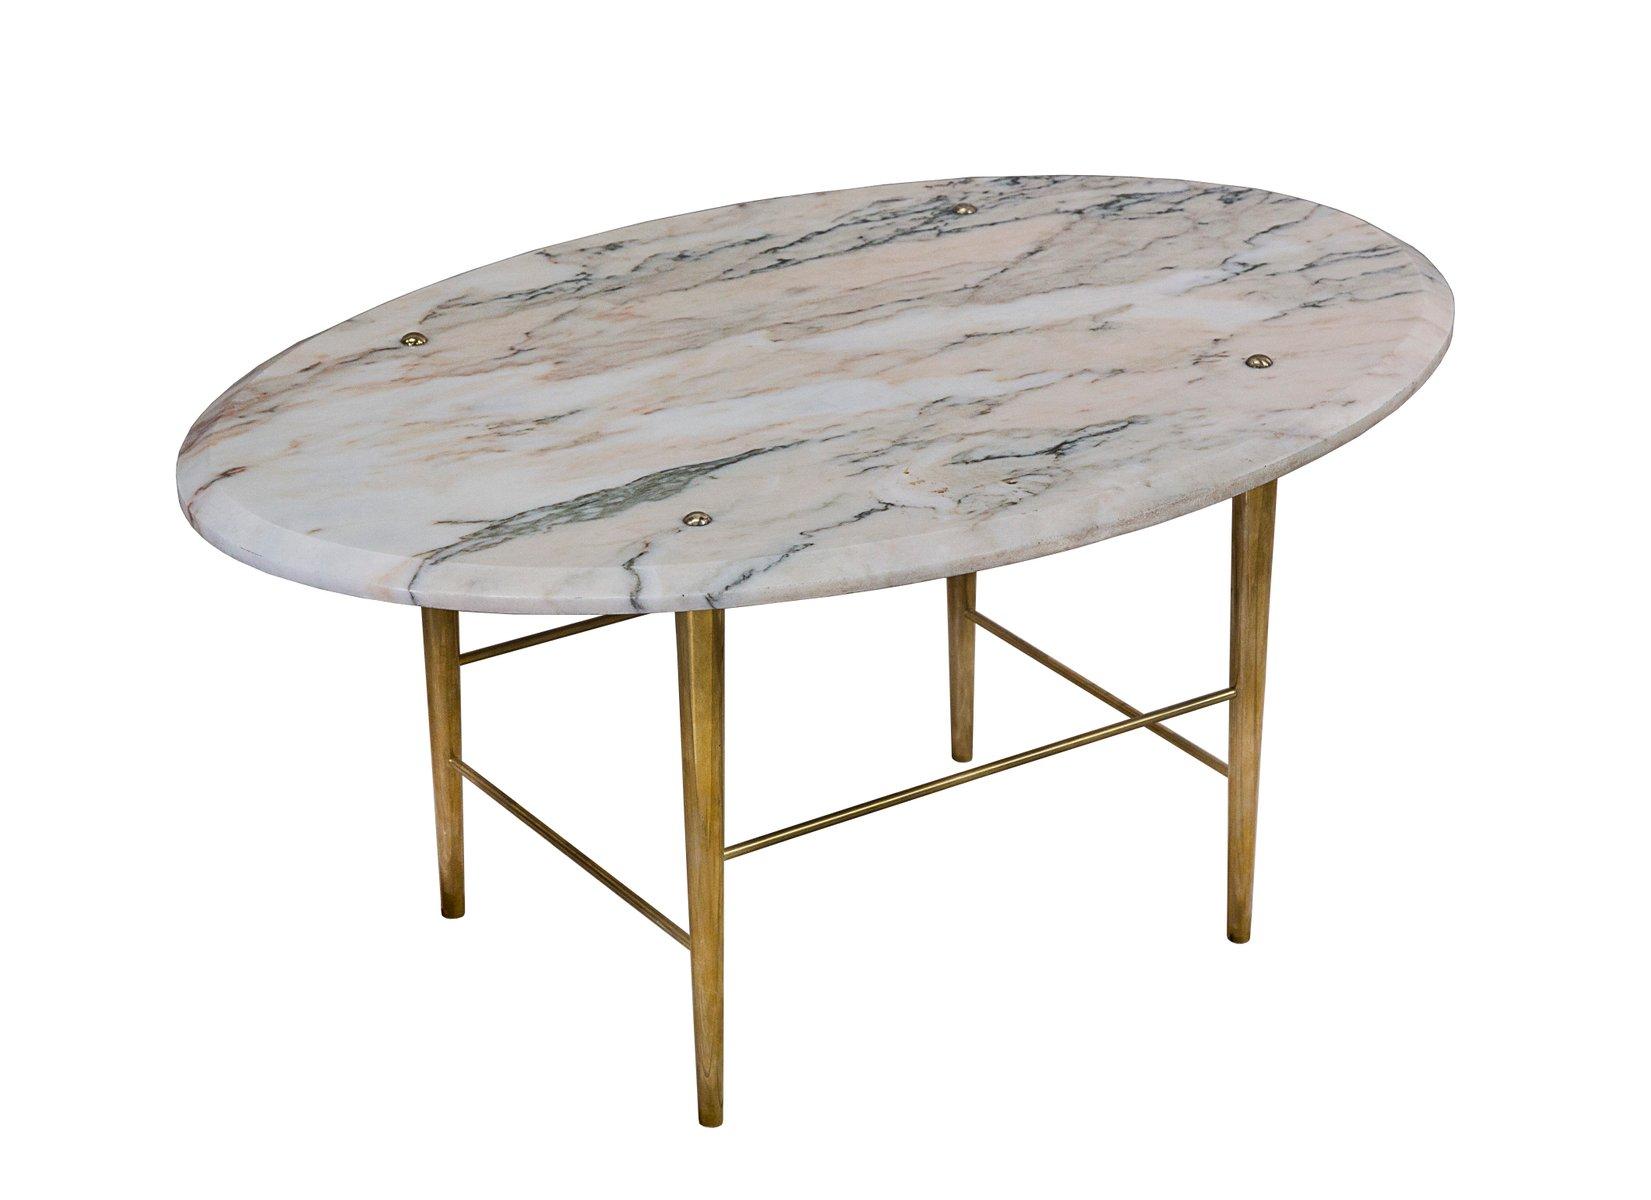 table basse stud en marbre rose laiton par lind almond pour novocastrian en vente sur pamono. Black Bedroom Furniture Sets. Home Design Ideas